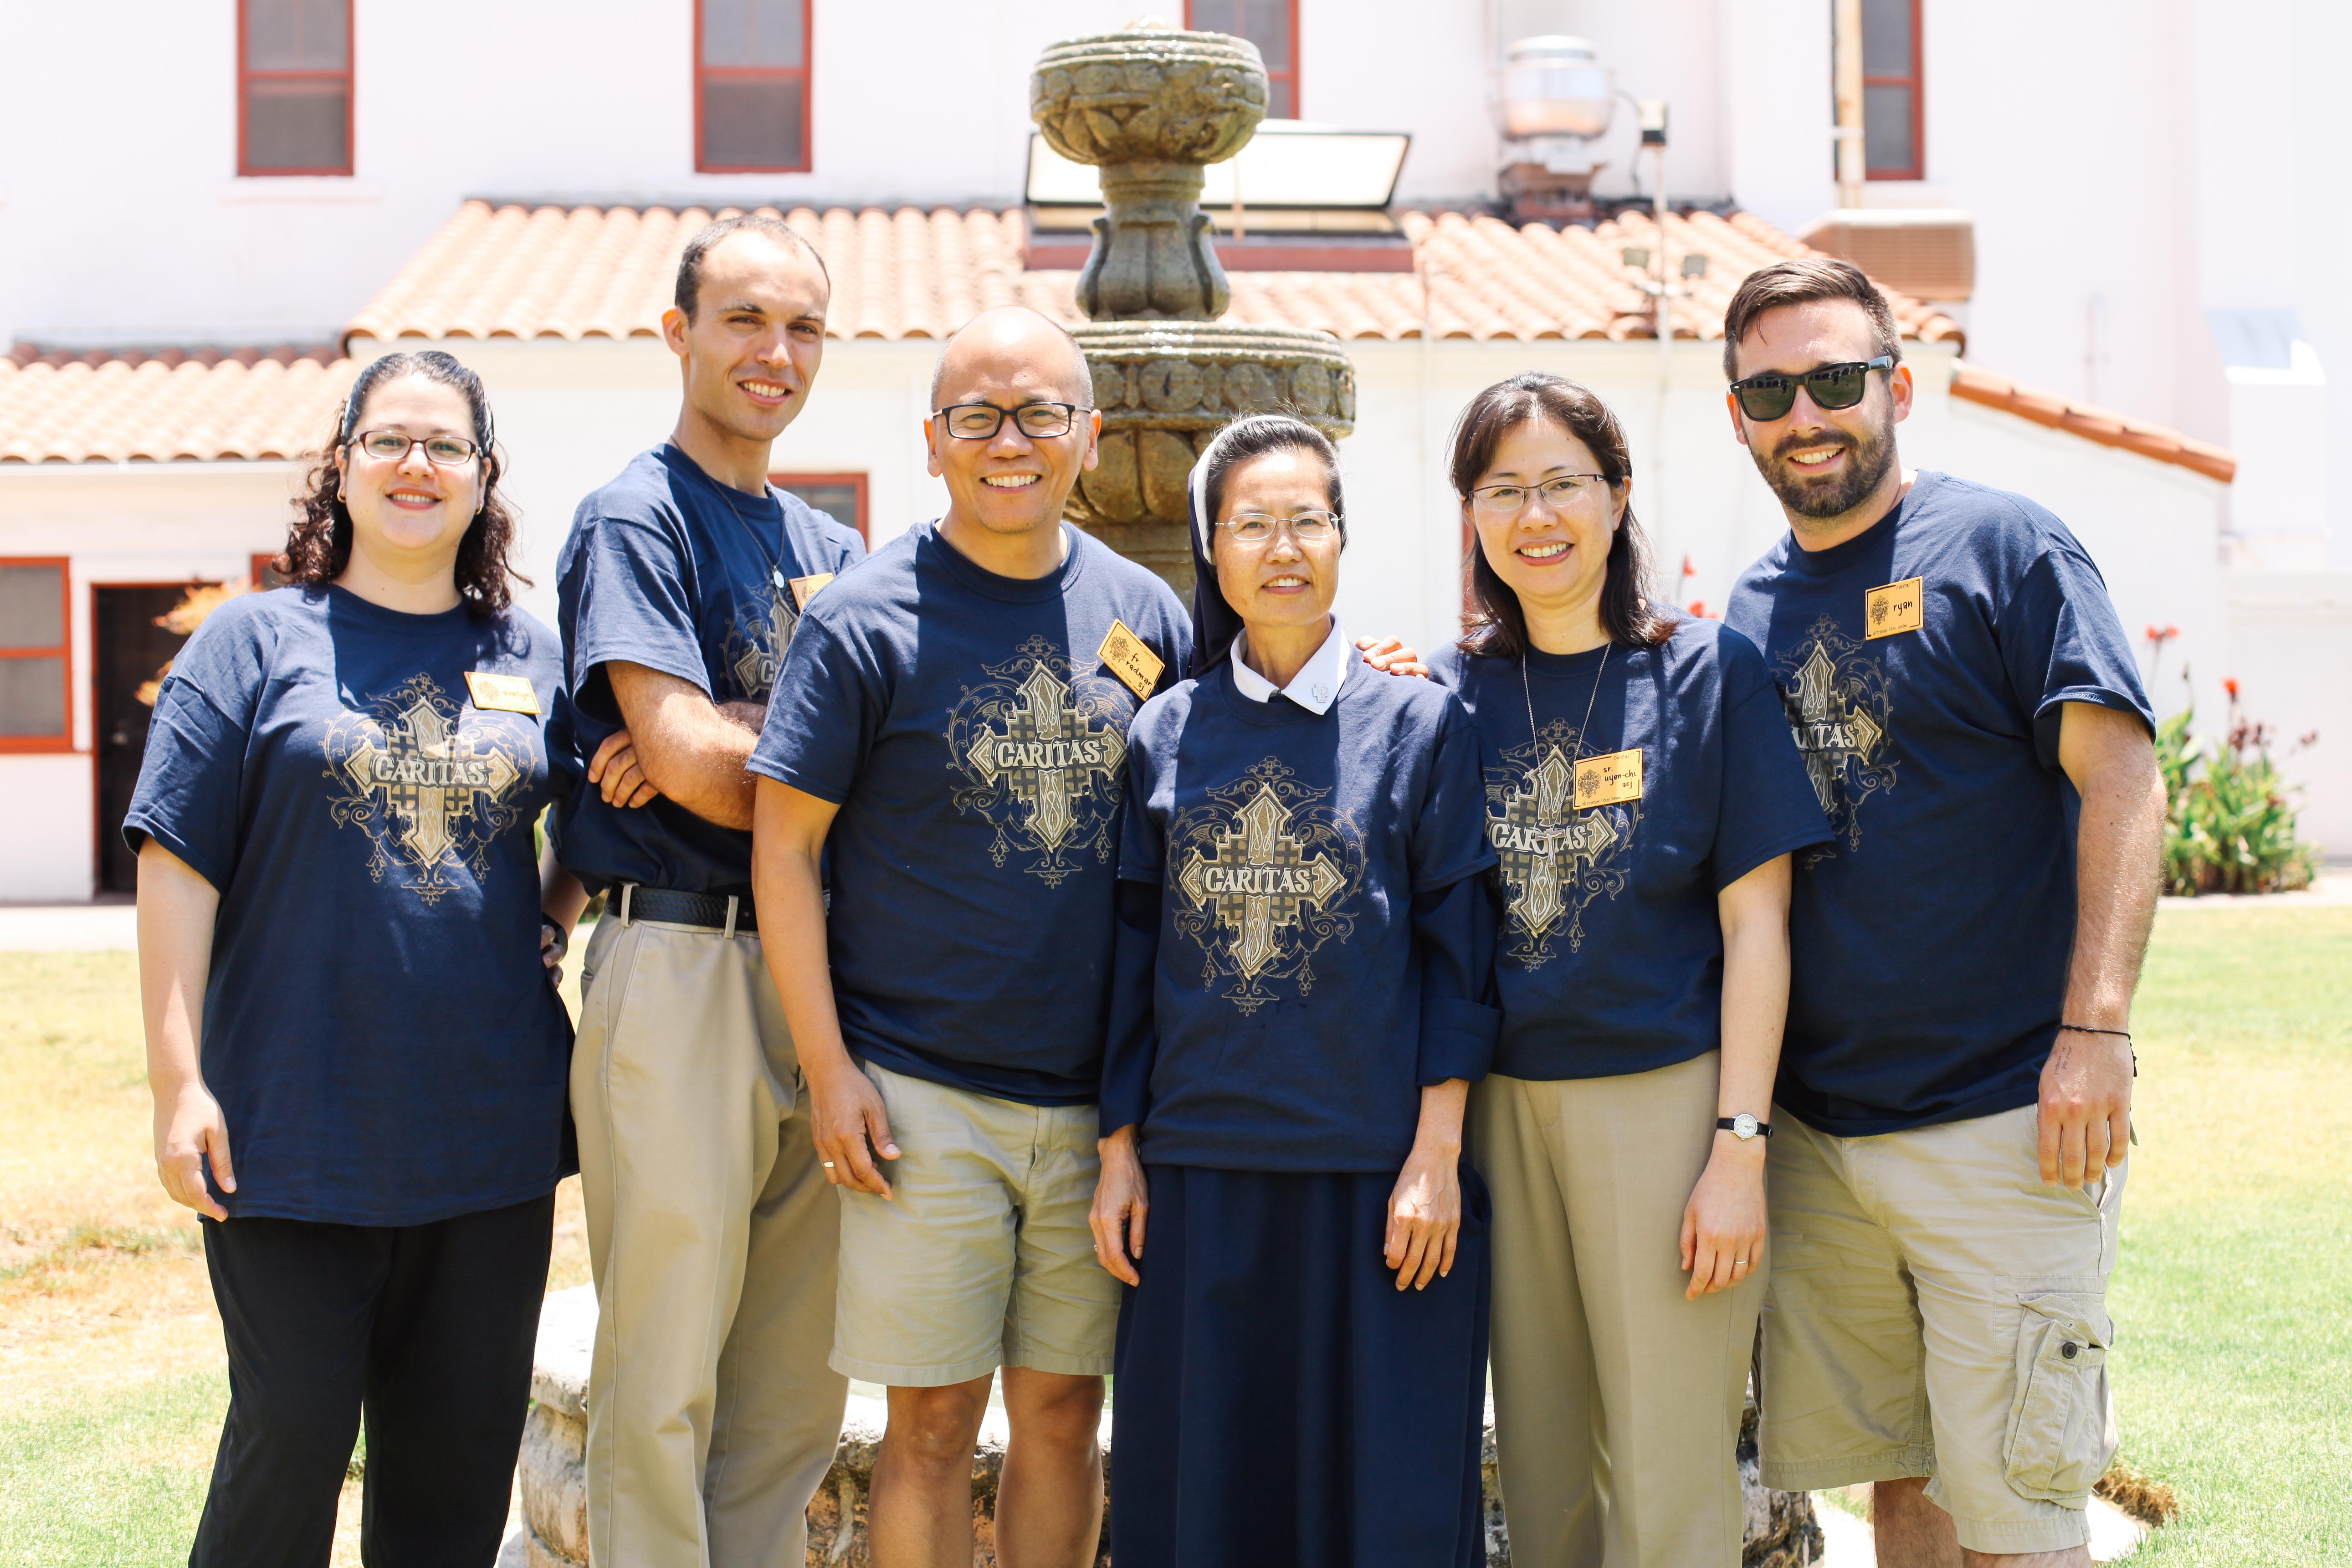 Caritas Retreat